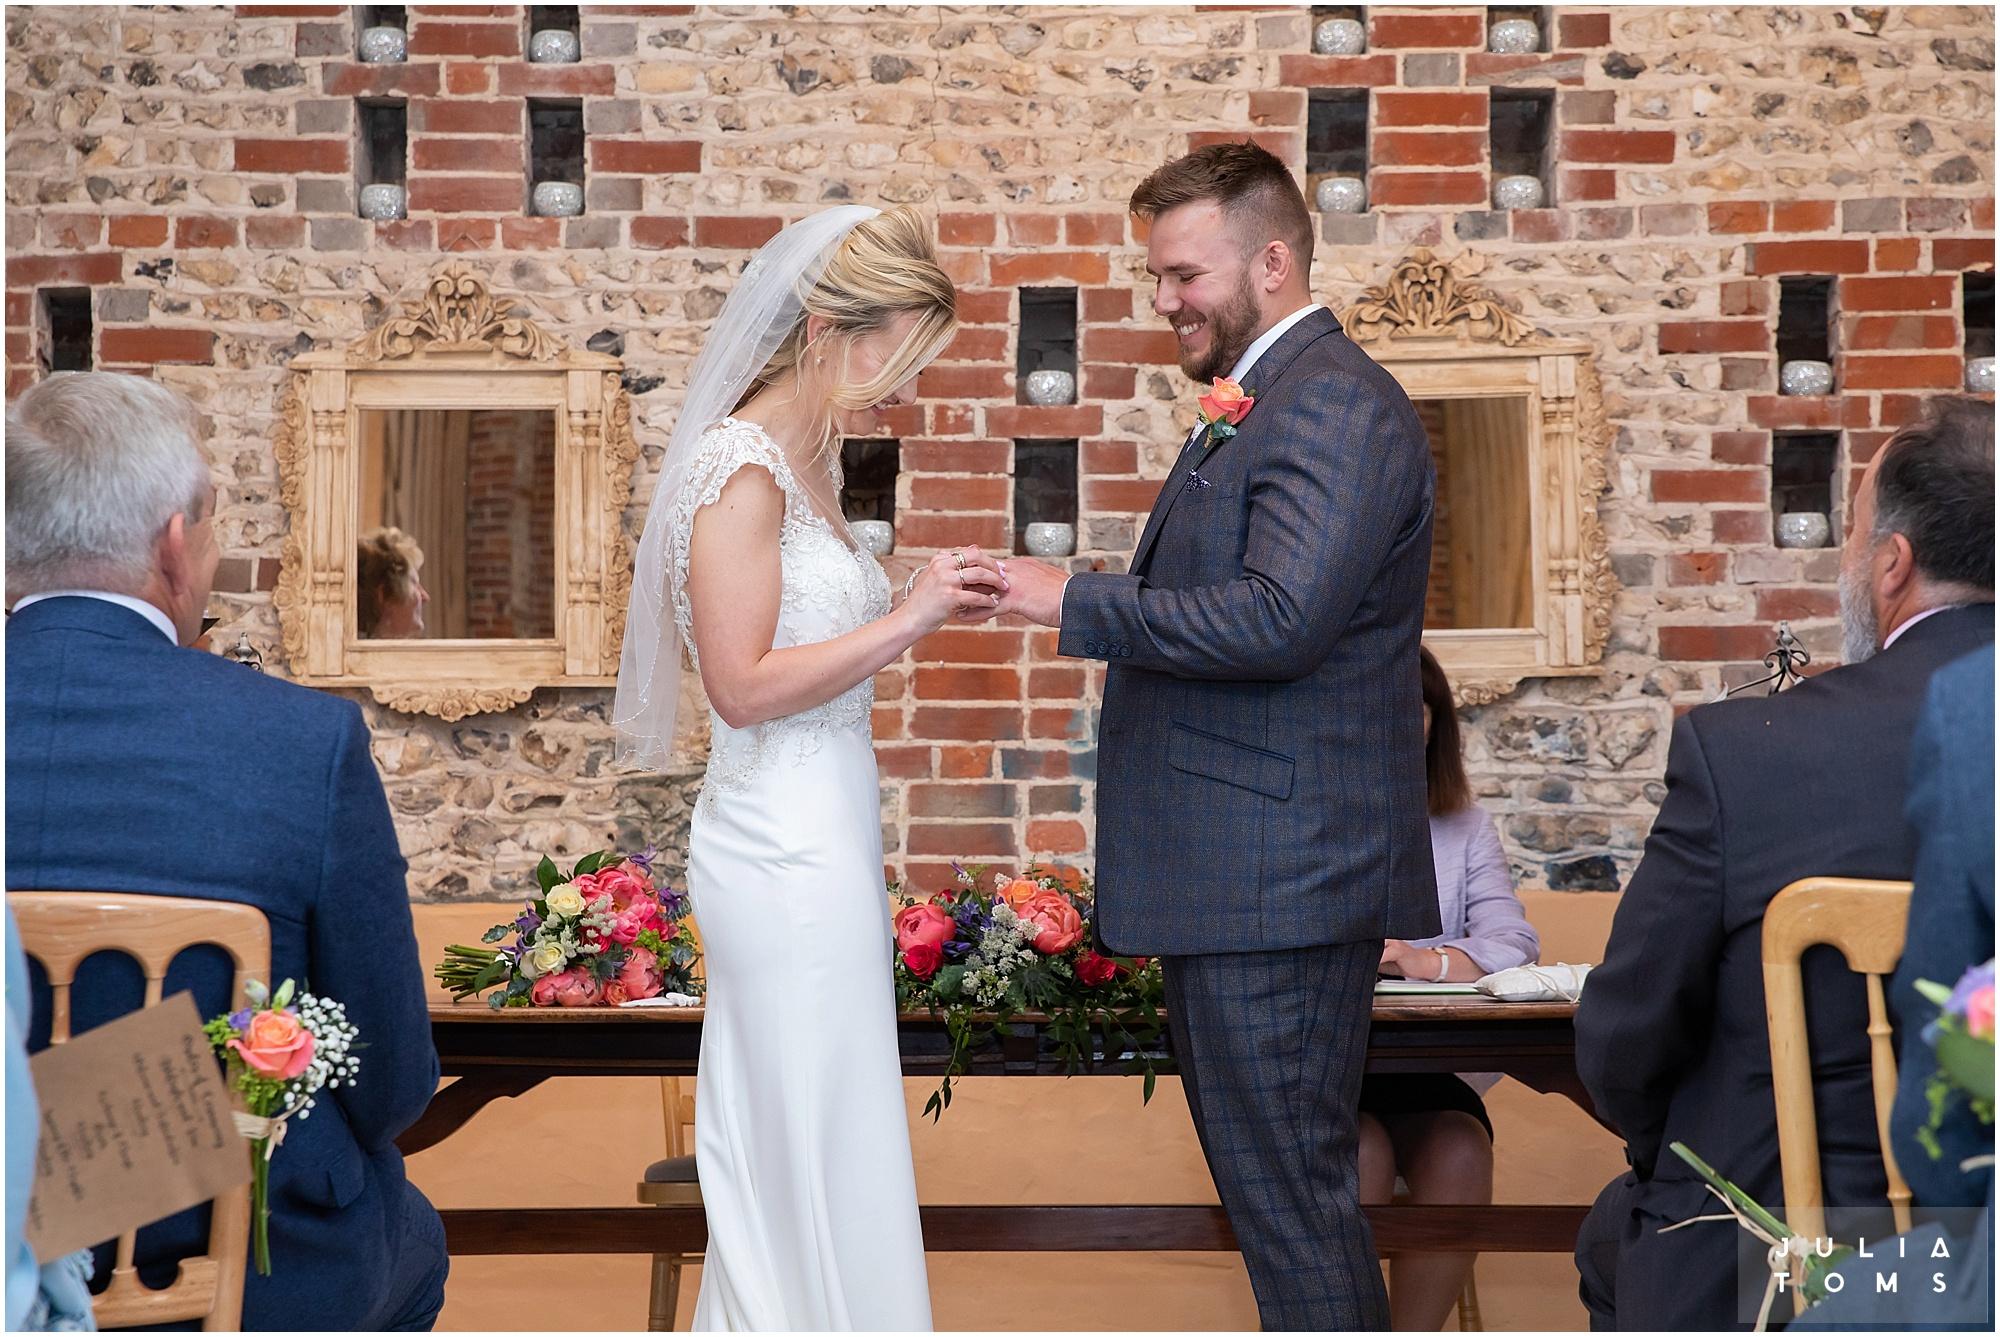 chichester_wedding_photographer_022.jpg